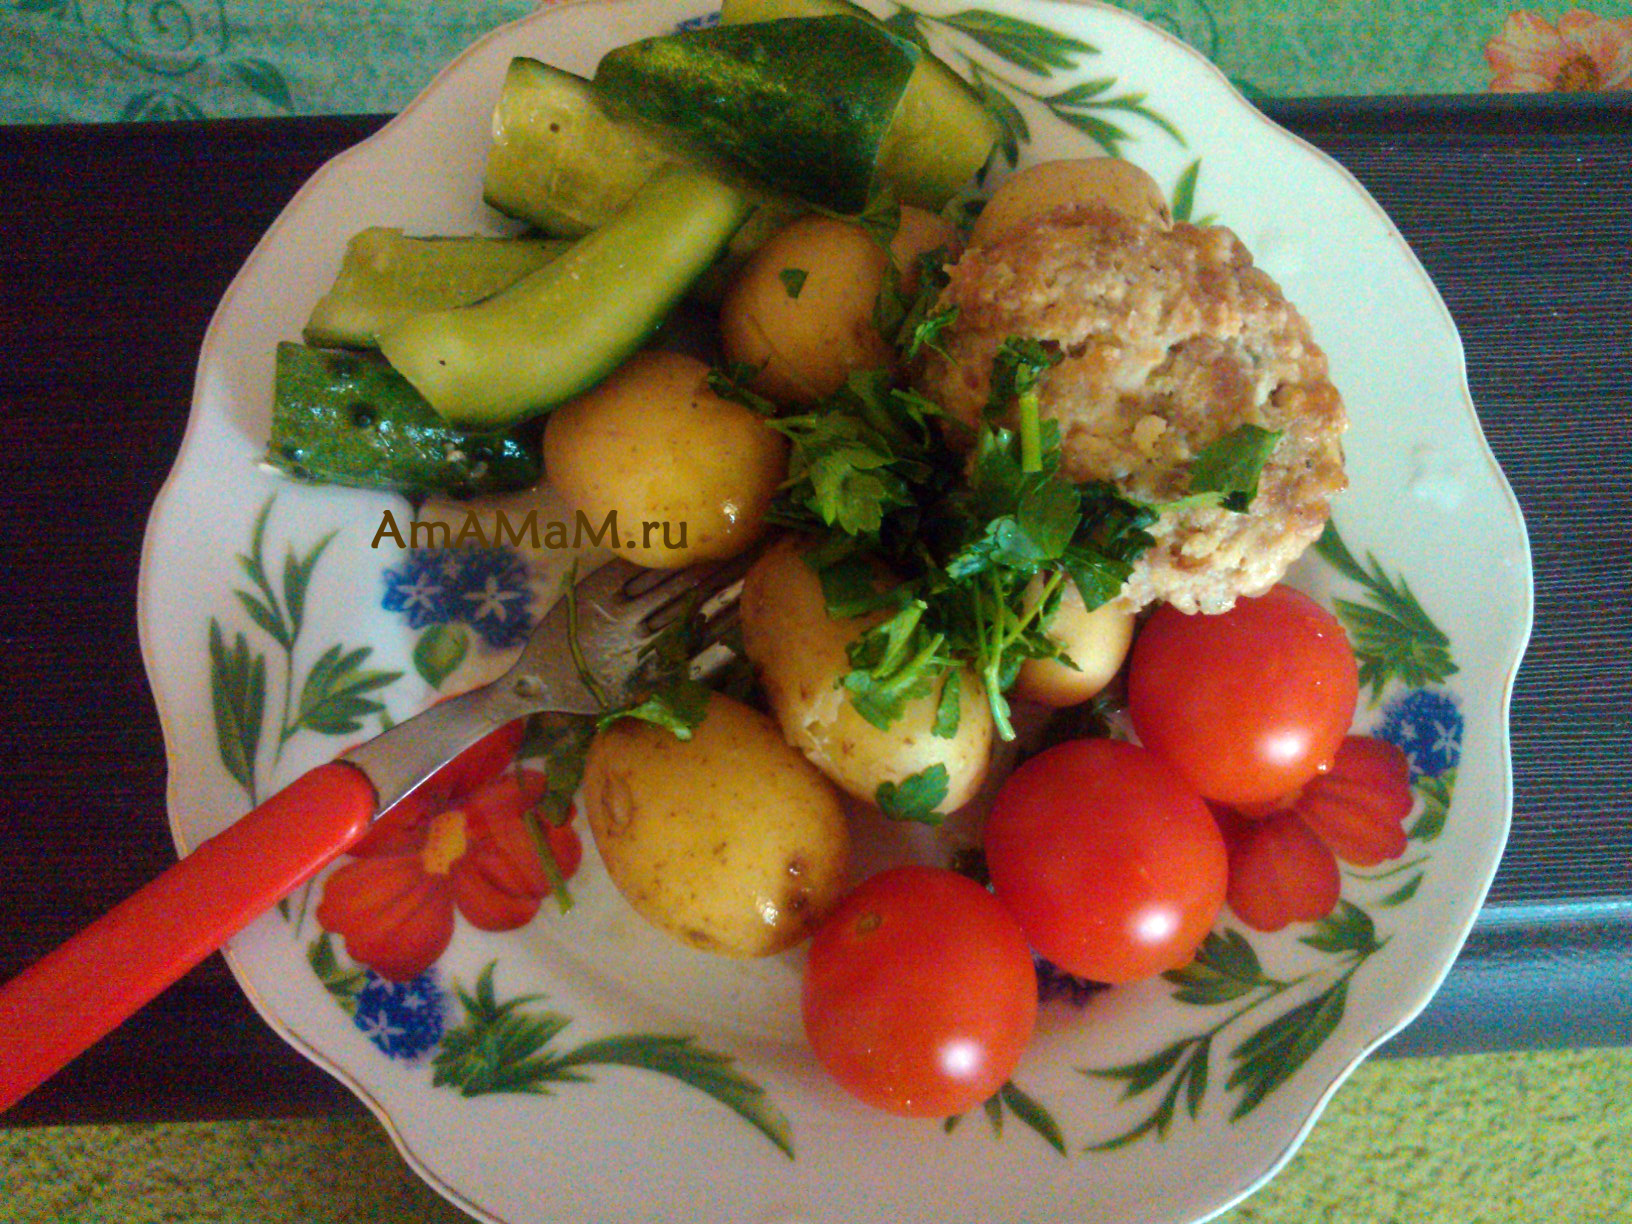 рецепты засолки салатов из огурцов в банках